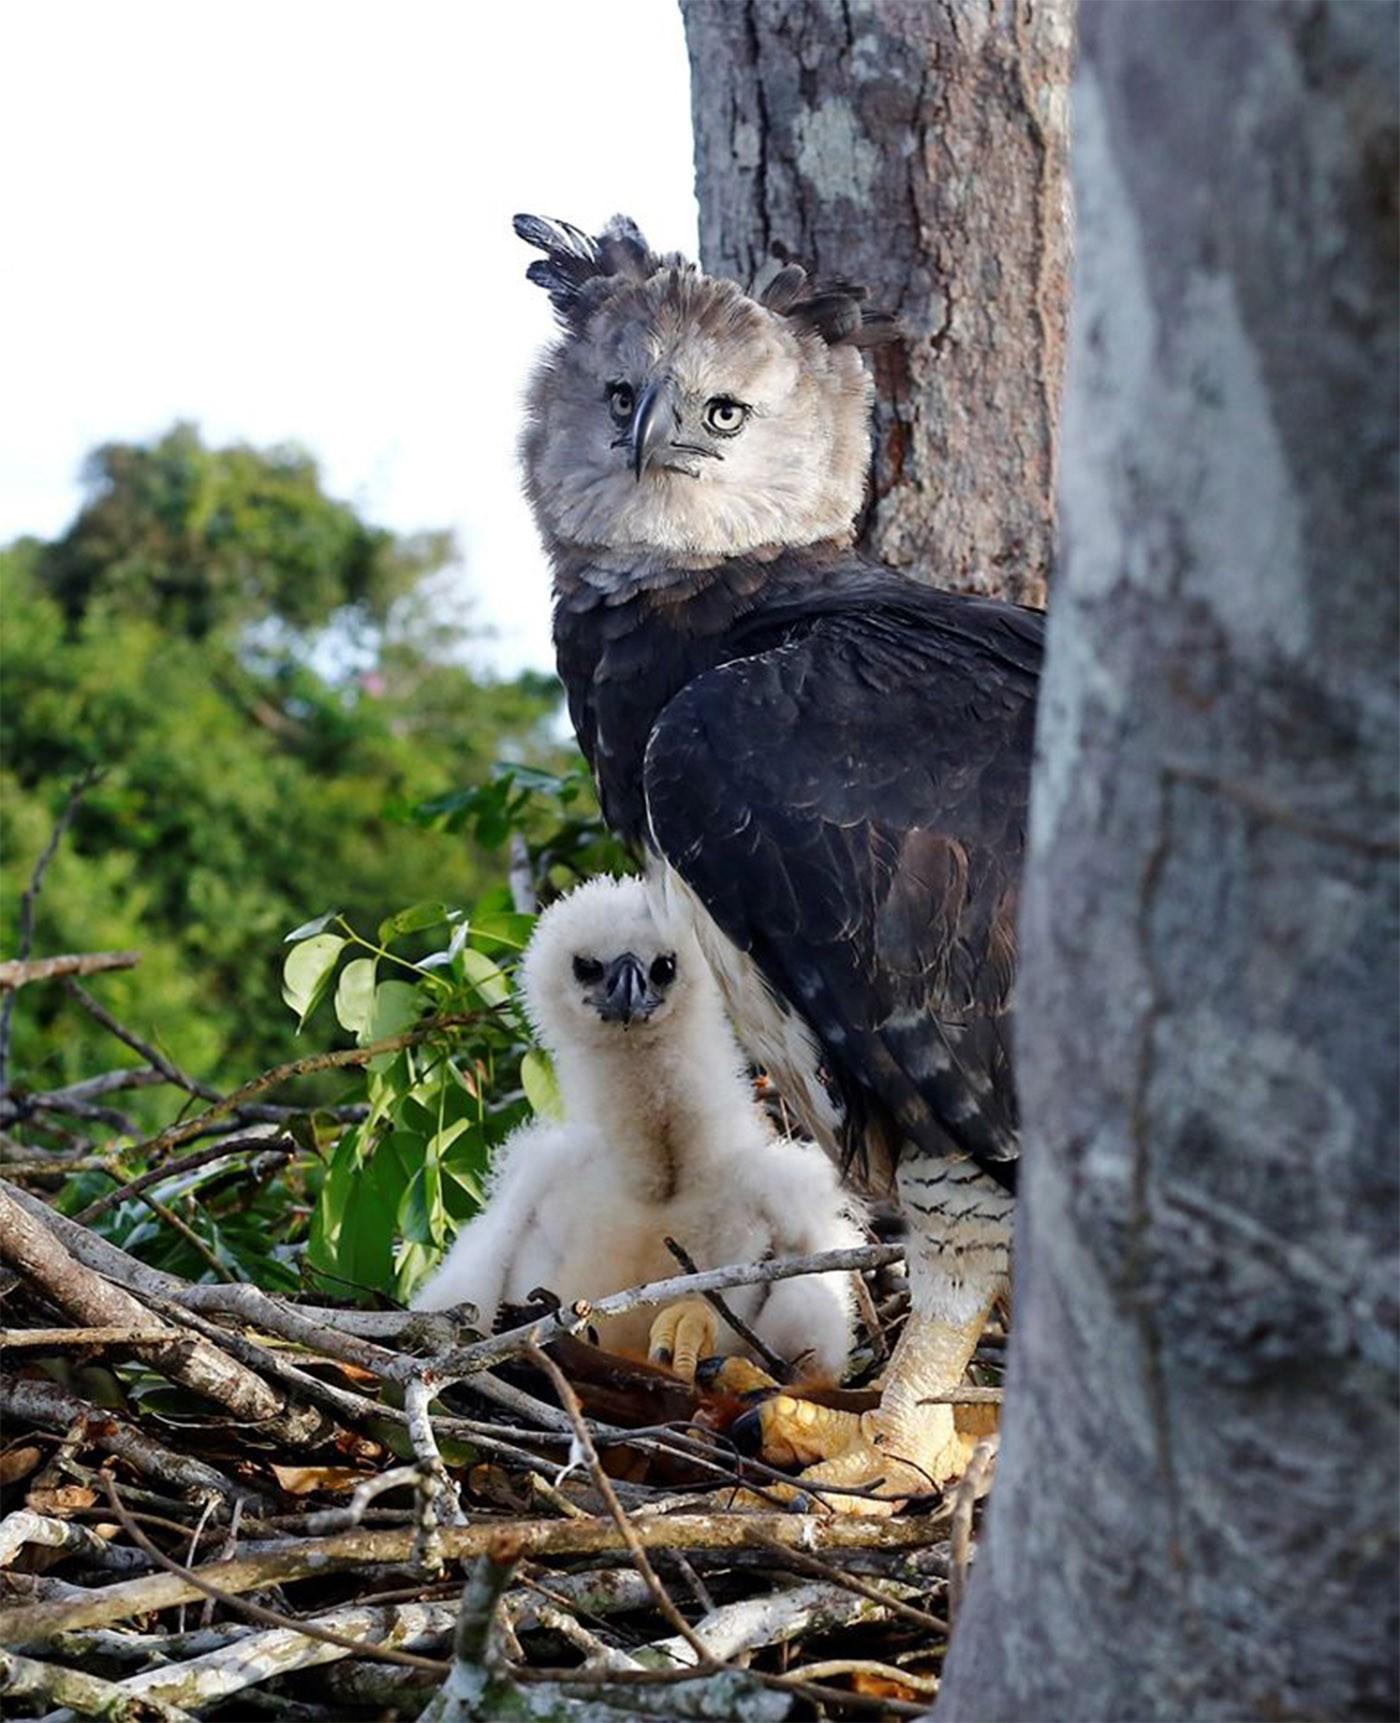 Fotógrafo consegue imagem rara de harpia e filhote no ninho